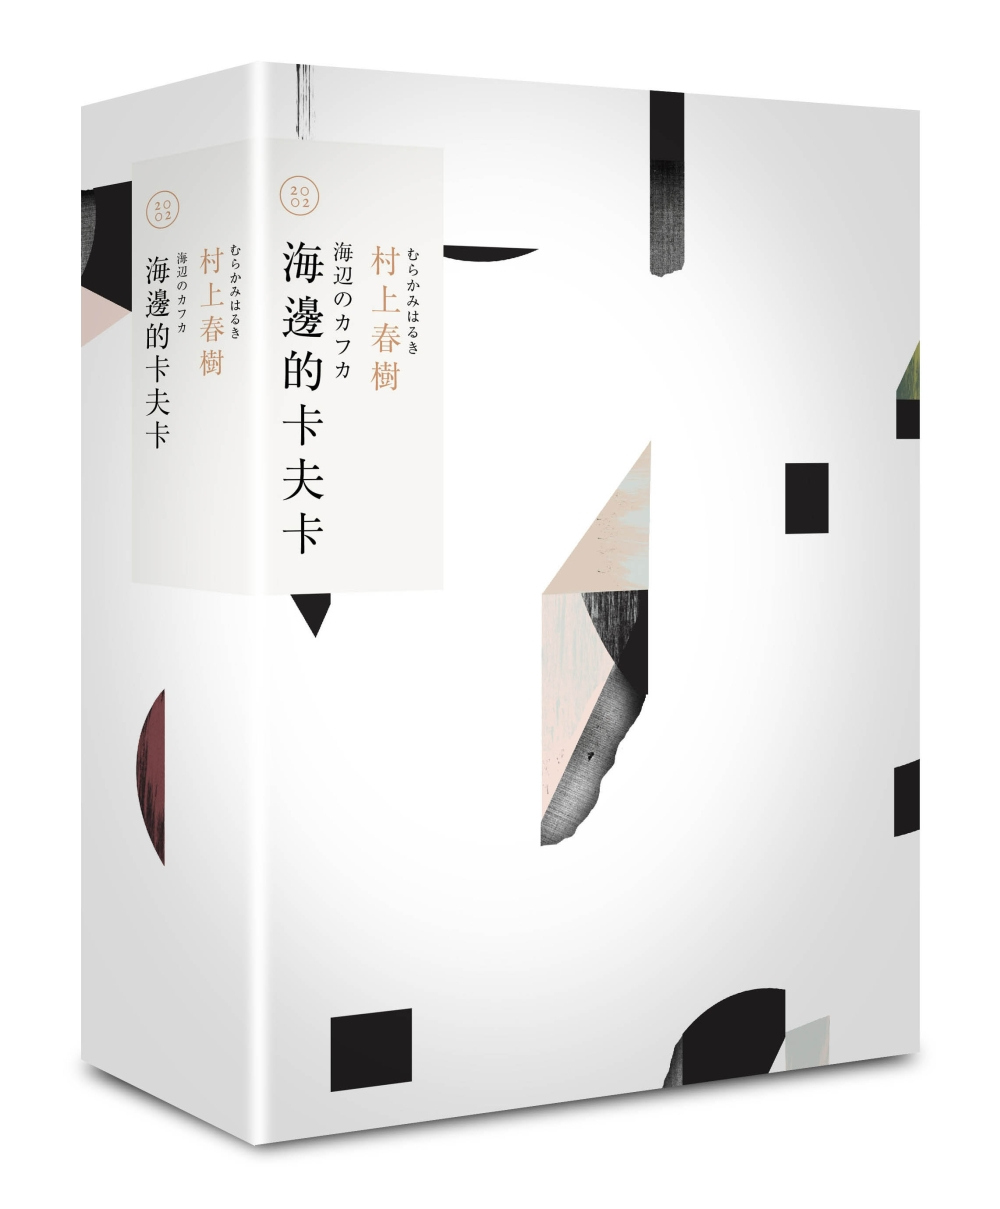 海邊的卡夫卡(村上春樹長篇小說盒裝典藏套書-4)